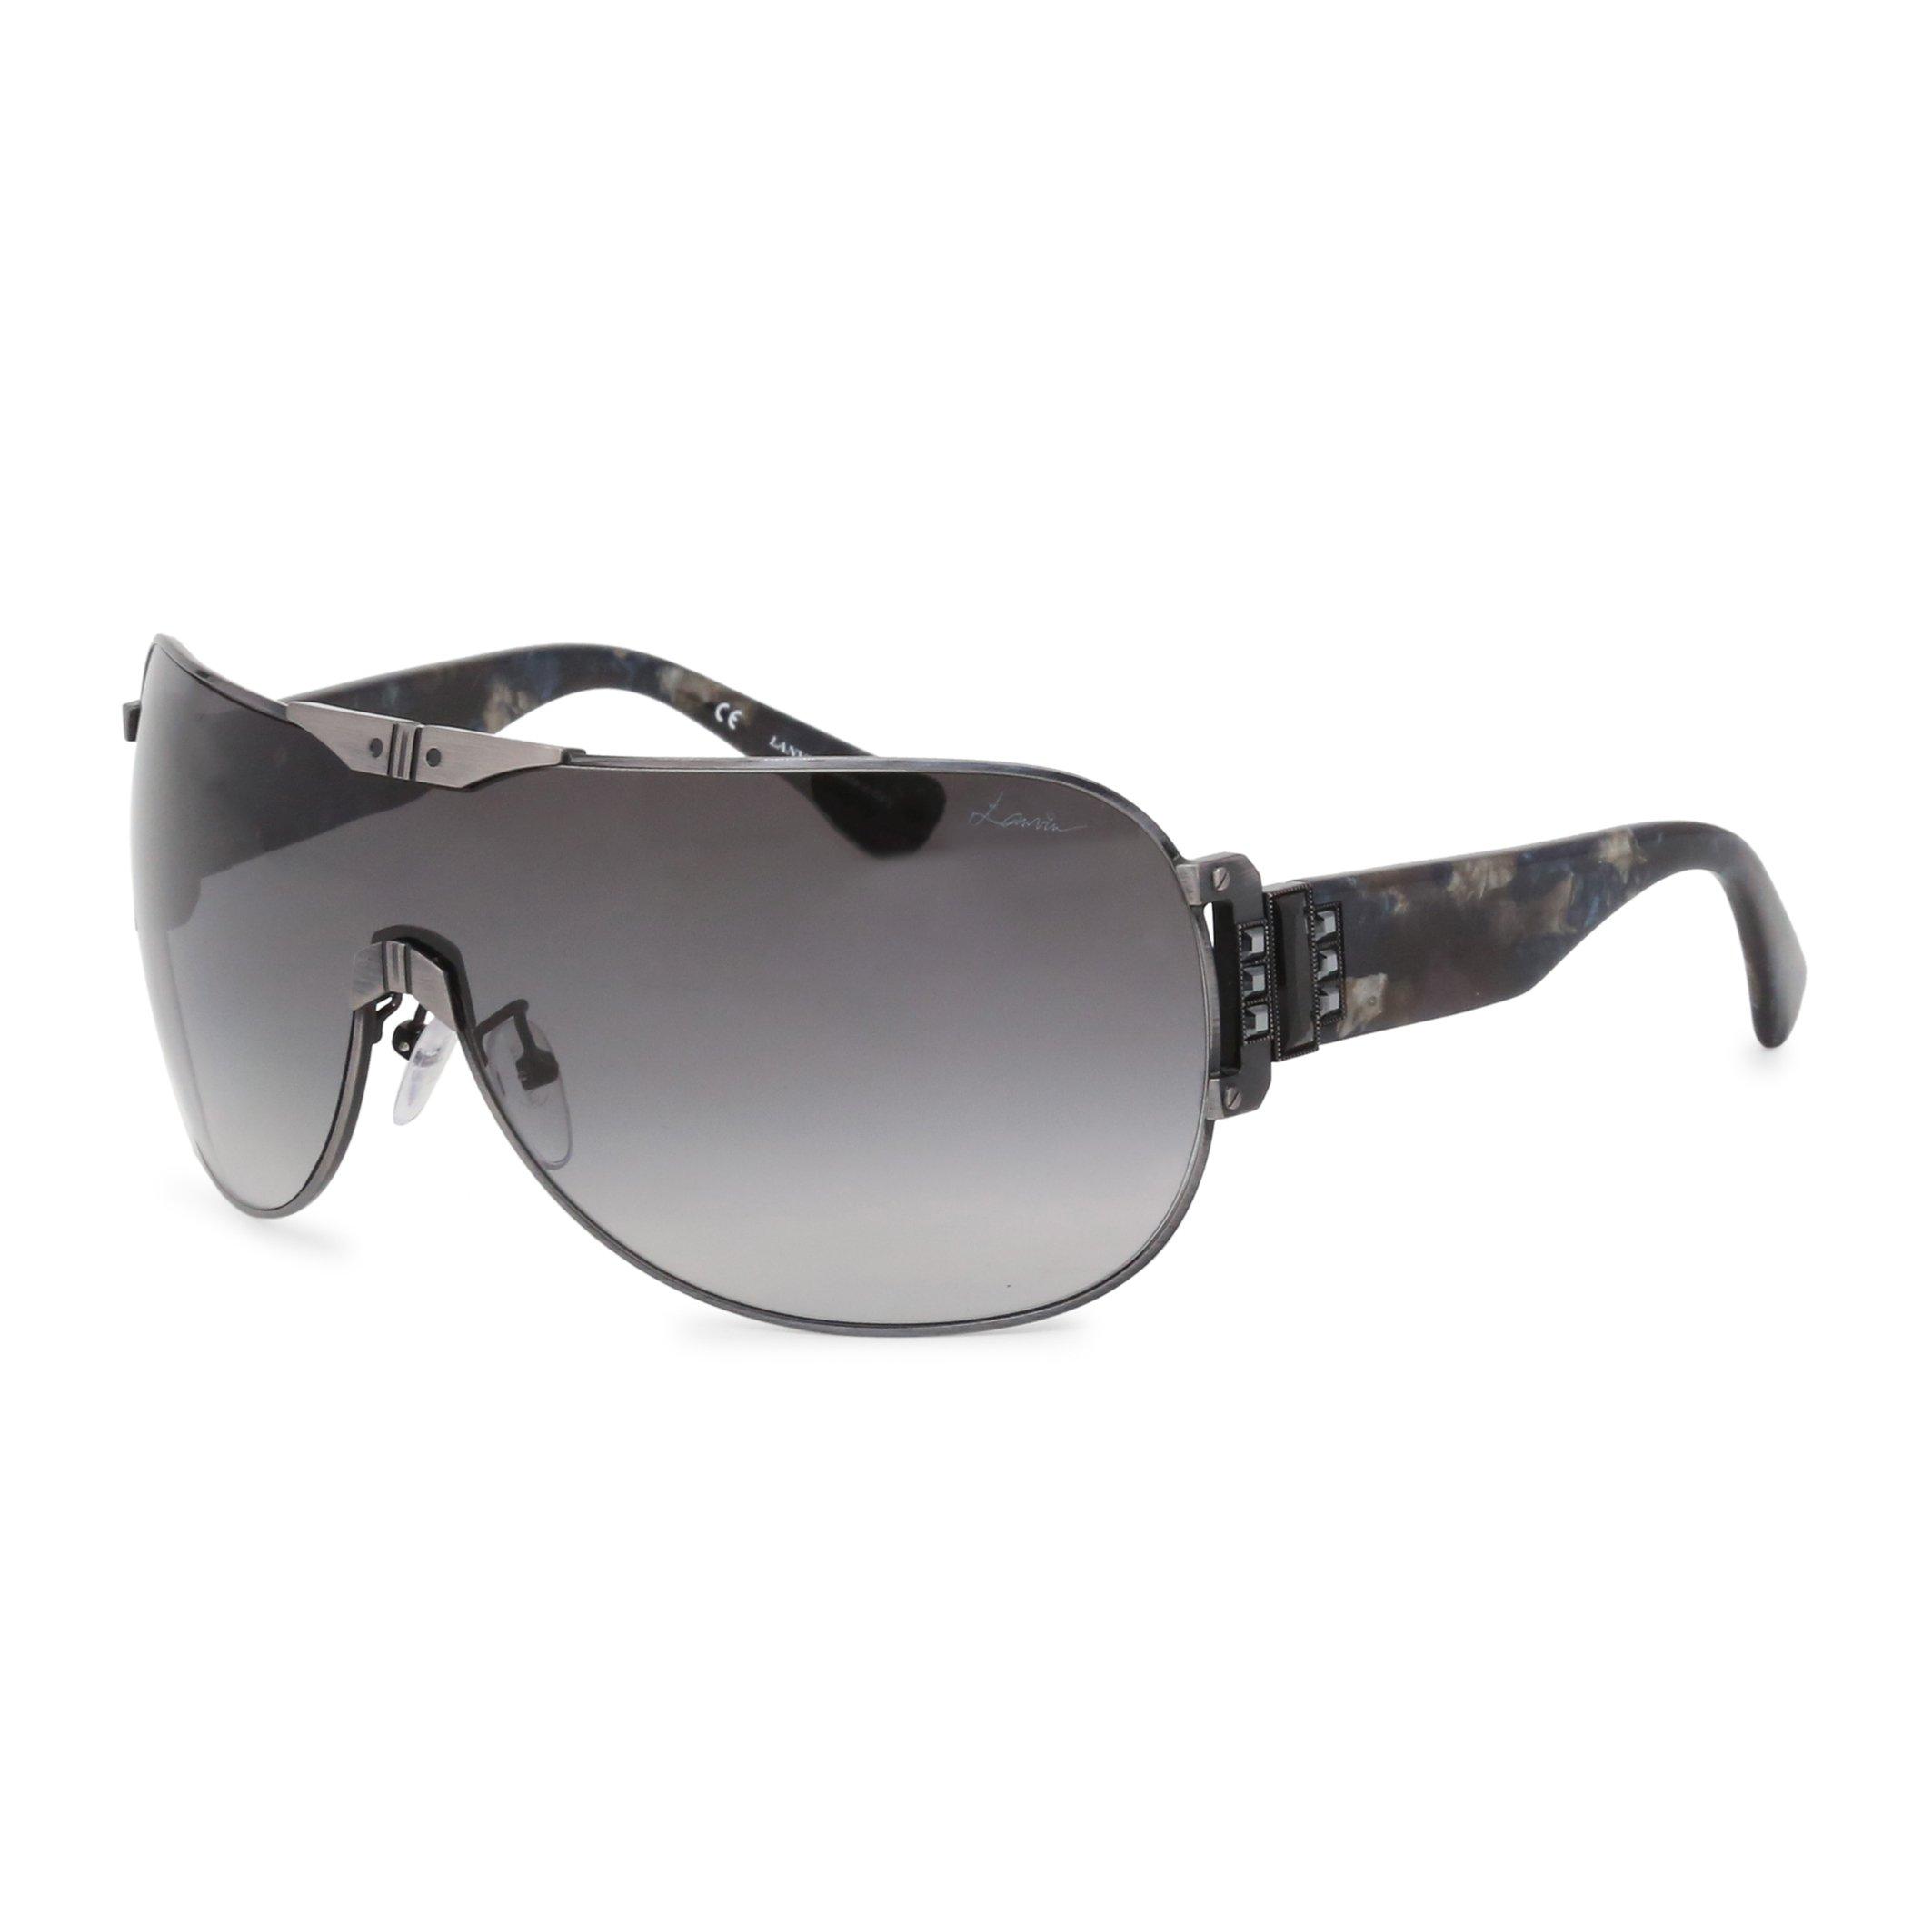 Lanvin Women's Sunglasses Various Colours SLN027S - grey NOSIZE